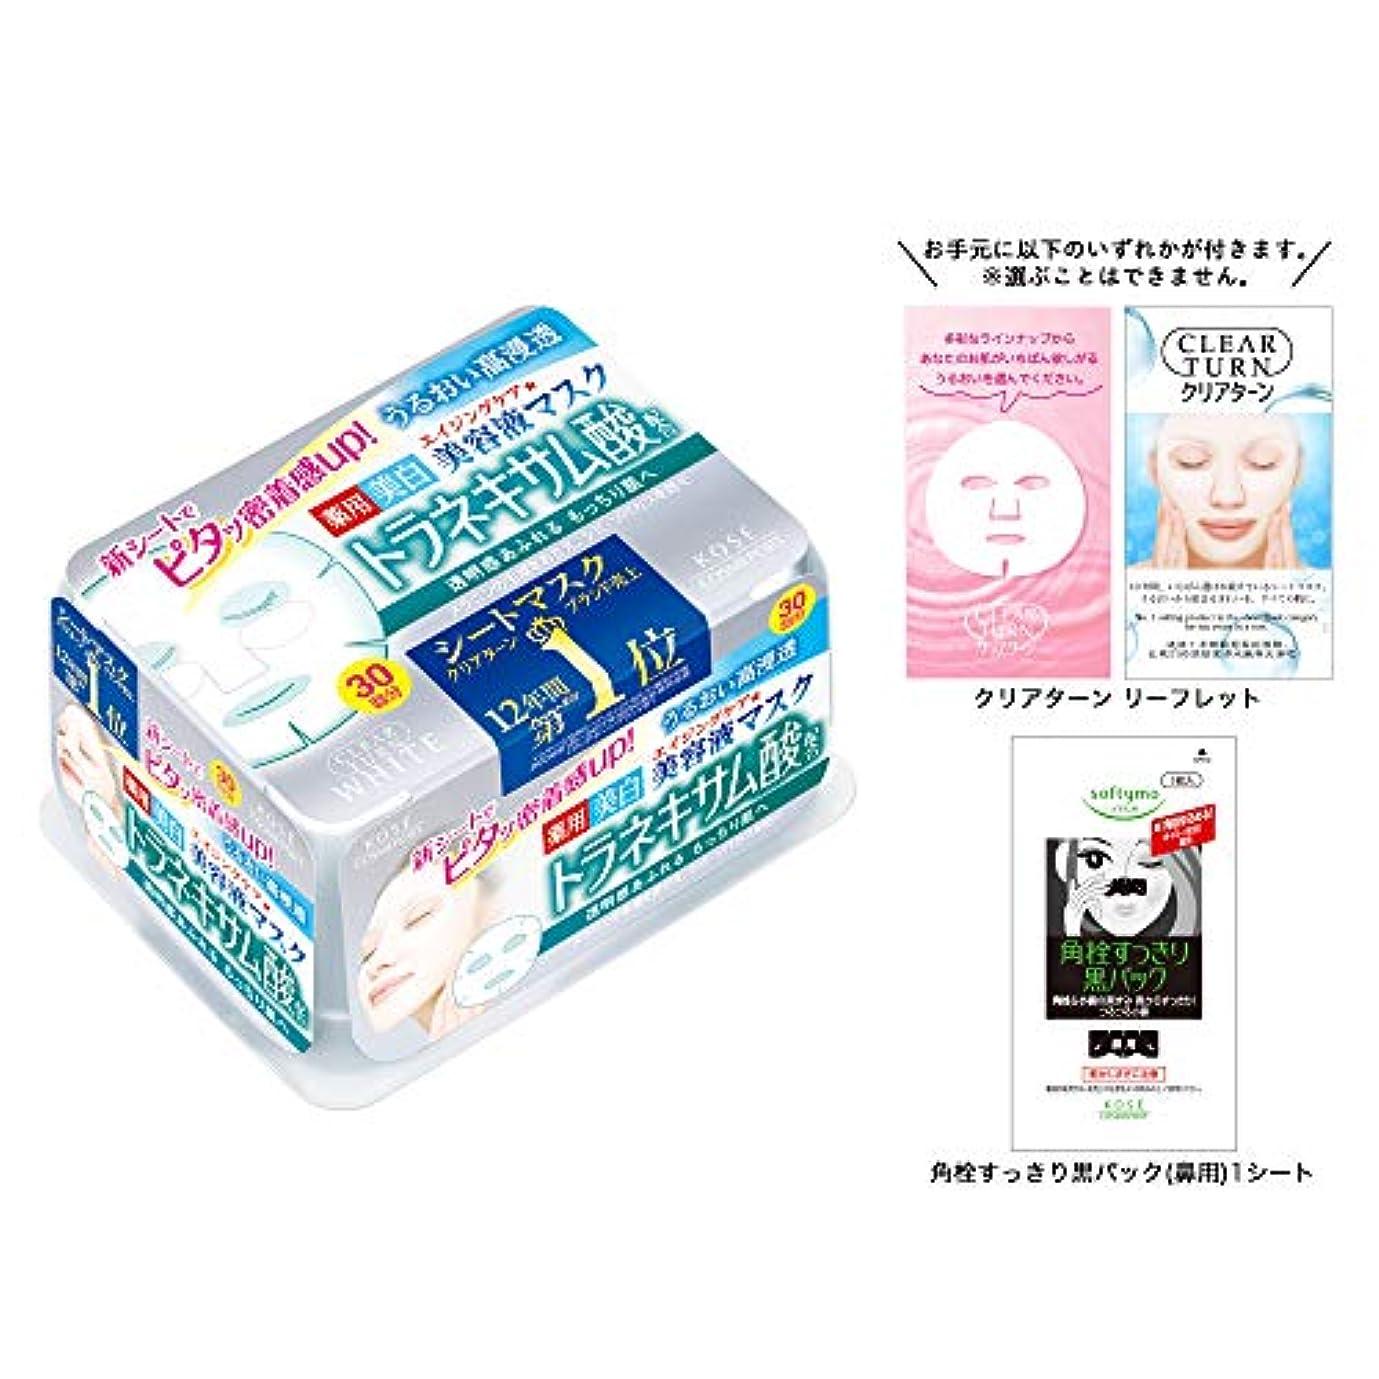 【Amazon.co.jp限定】KOSE コーセー クリアターン エッセンス マスク (トラネキサム酸) 30枚 おまけ付 フェイスマスク (医薬部外品)